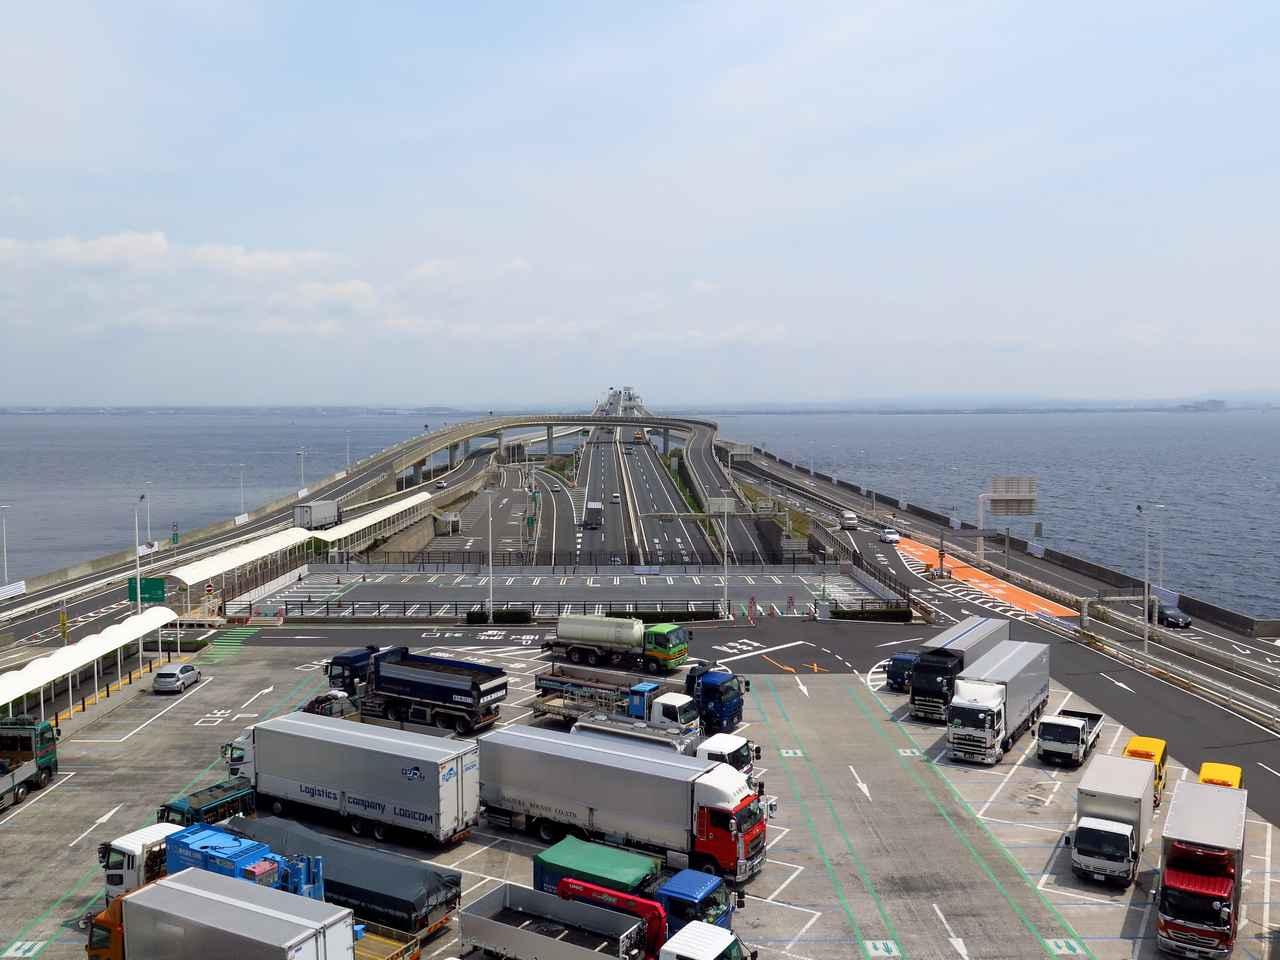 画像: 巨大な船の上にいるような、この眺めは変わりません。